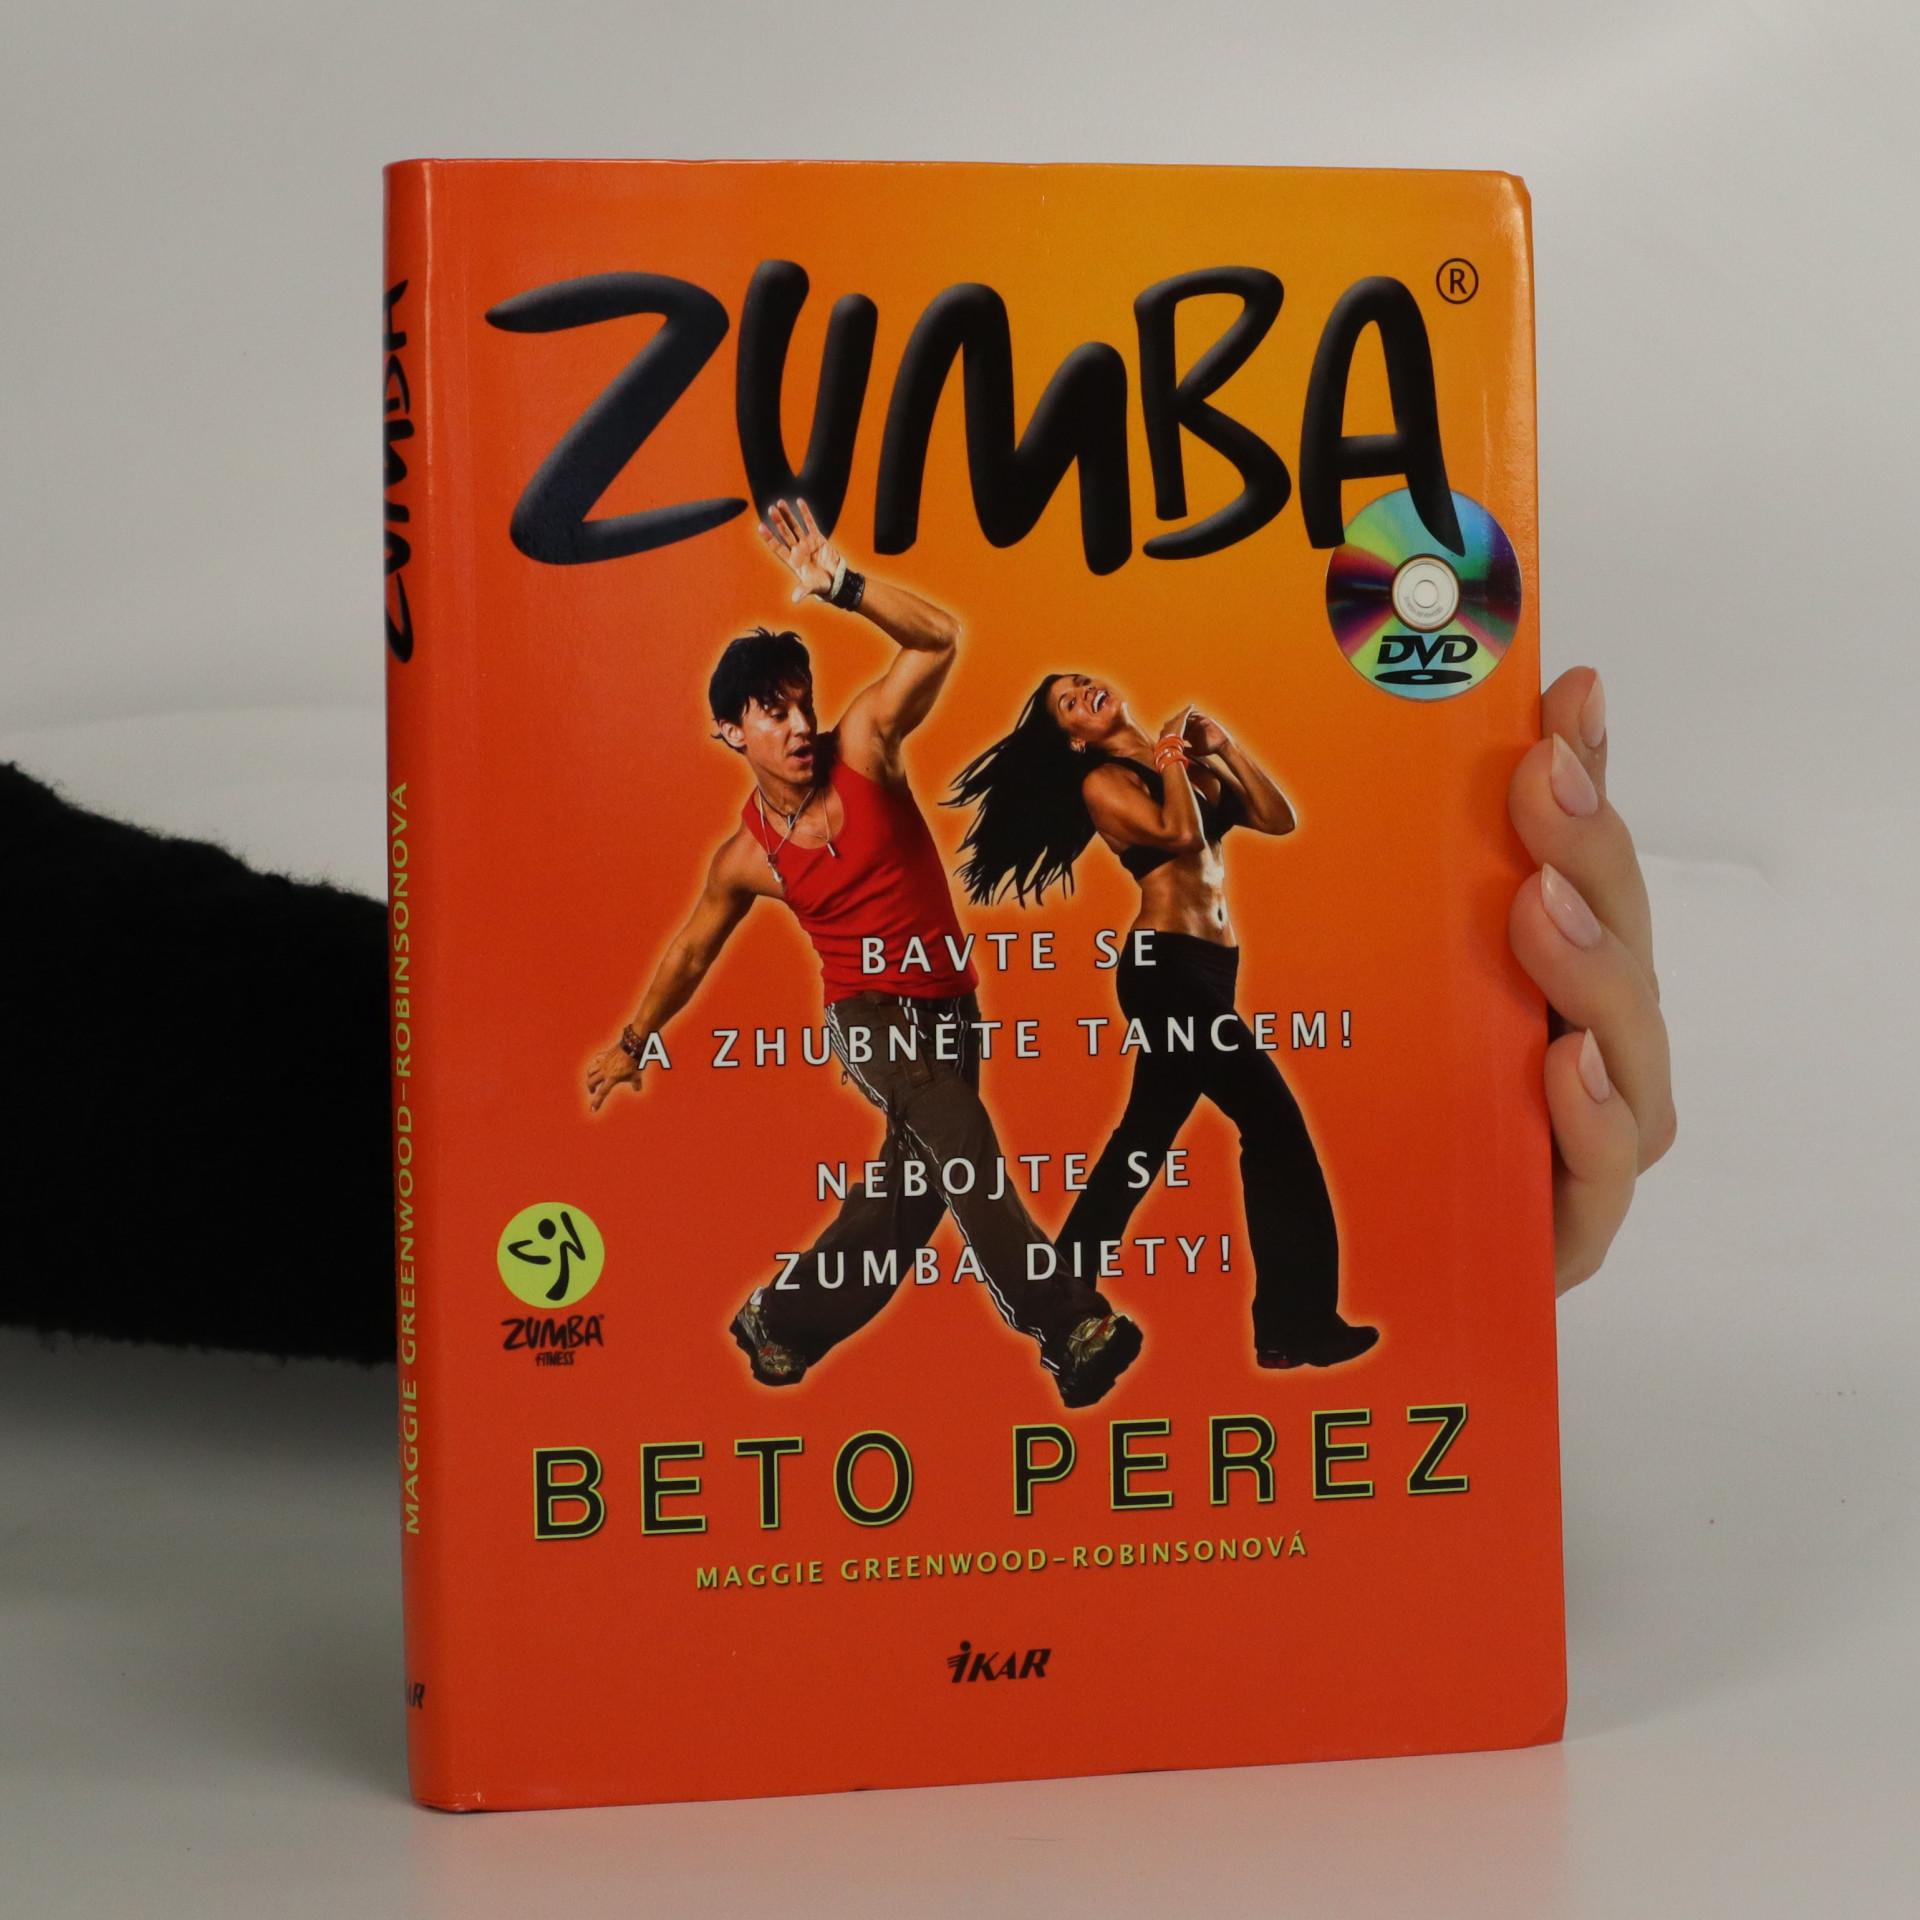 antikvární kniha Zumba. Bavte se a zhubněte tancem!, 2010